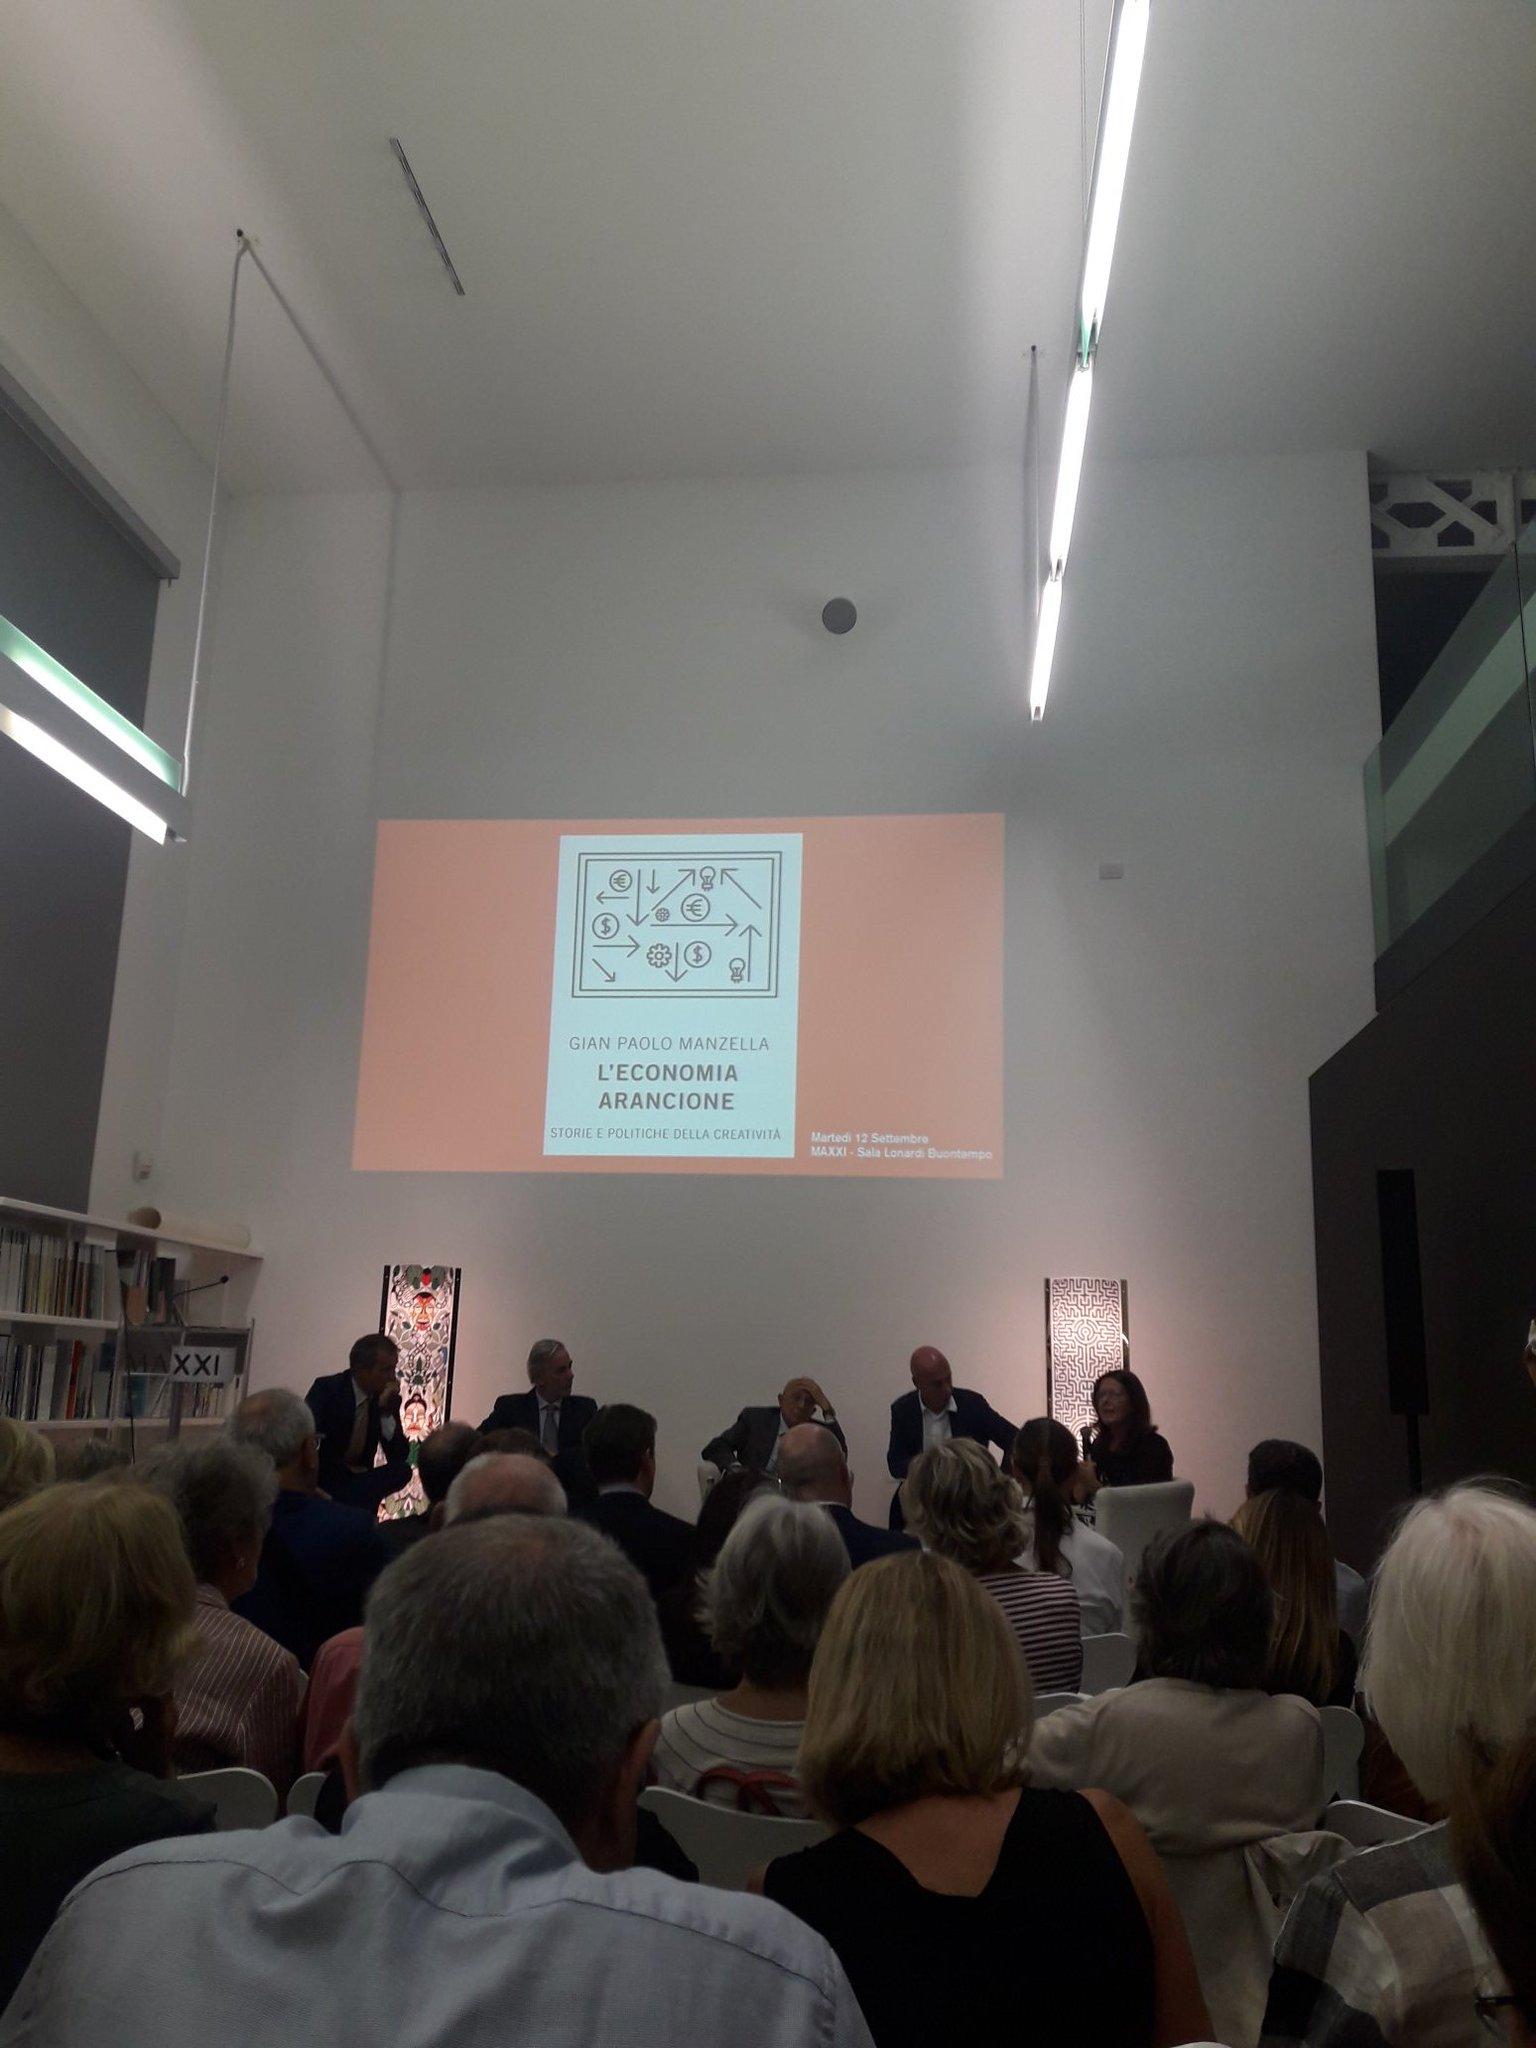 Tanta gente alla presentazione del libro di Gian Paolo Manzella #economiaarancione!!! @GPManzella https://t.co/zzv0bqlnVr